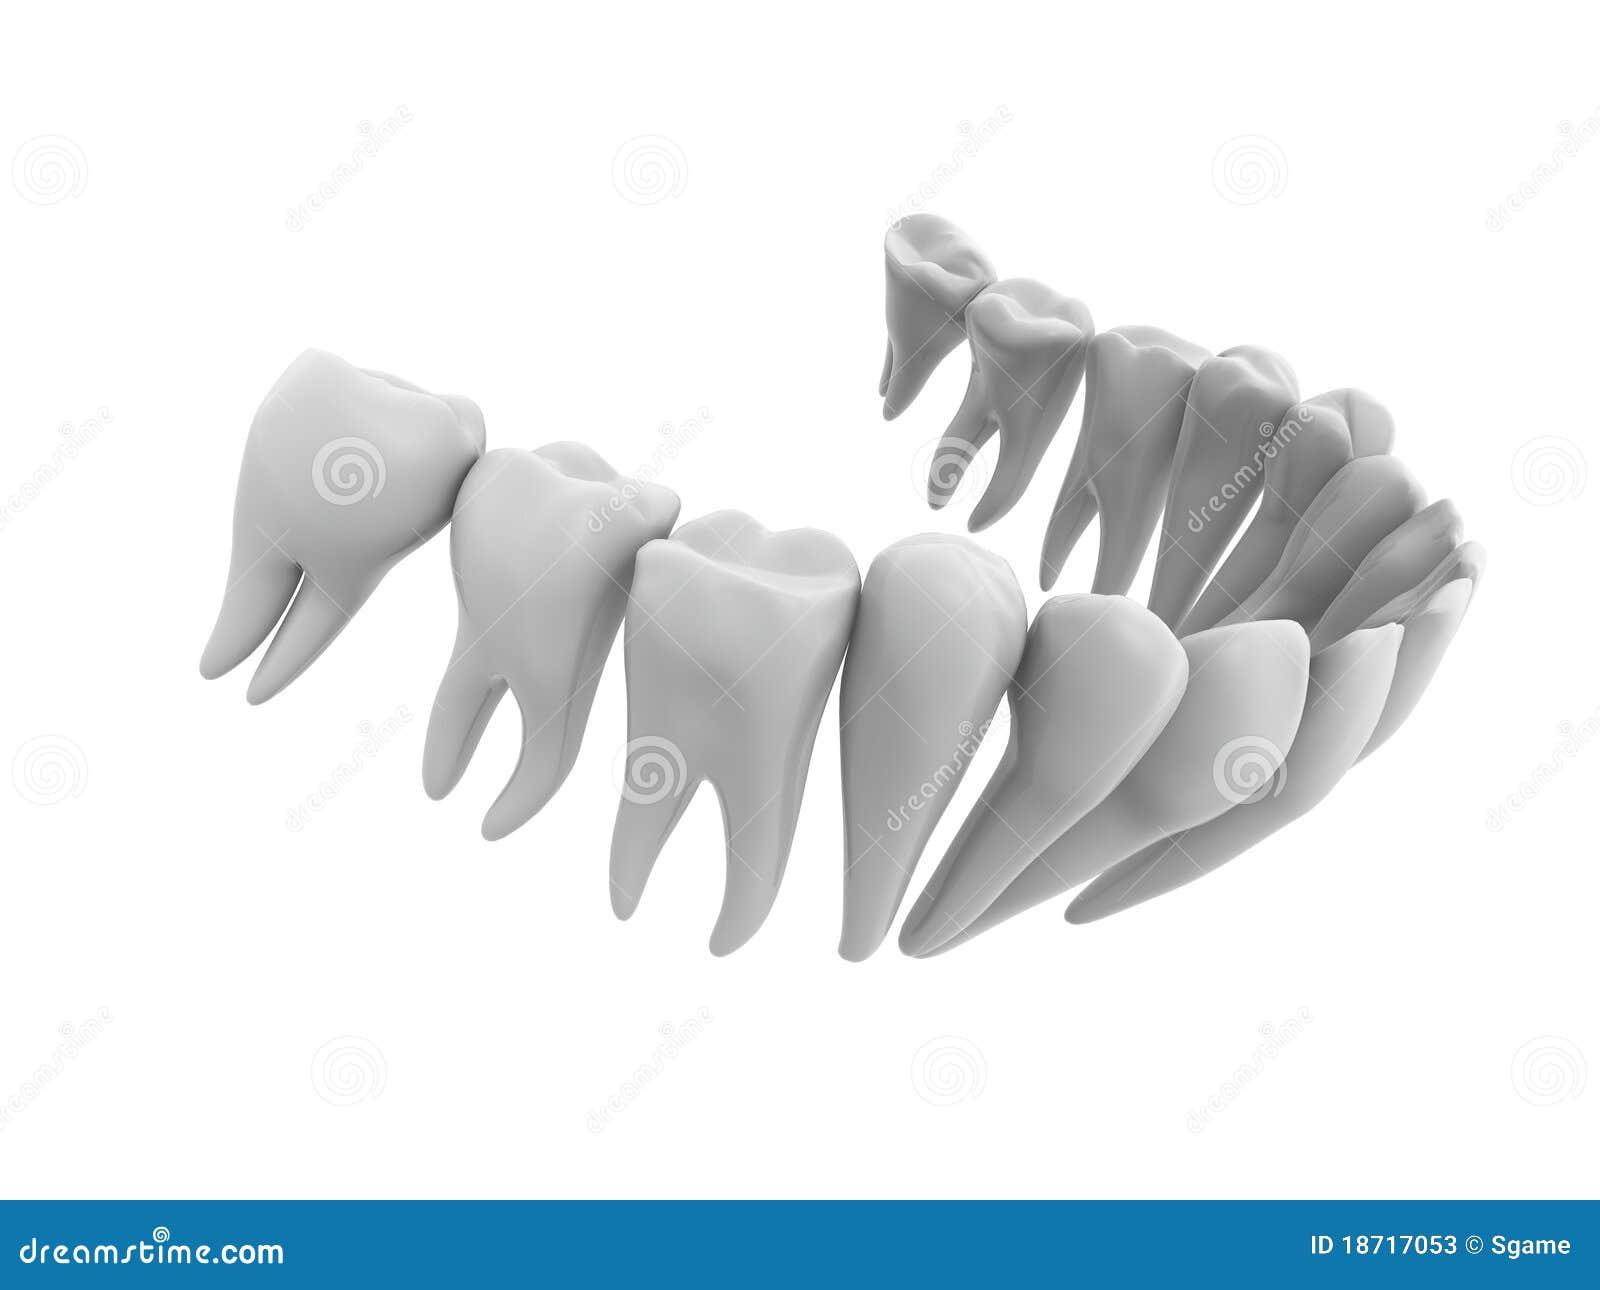 Menschliche Zähne stock abbildung. Illustration von obacht - 18717053